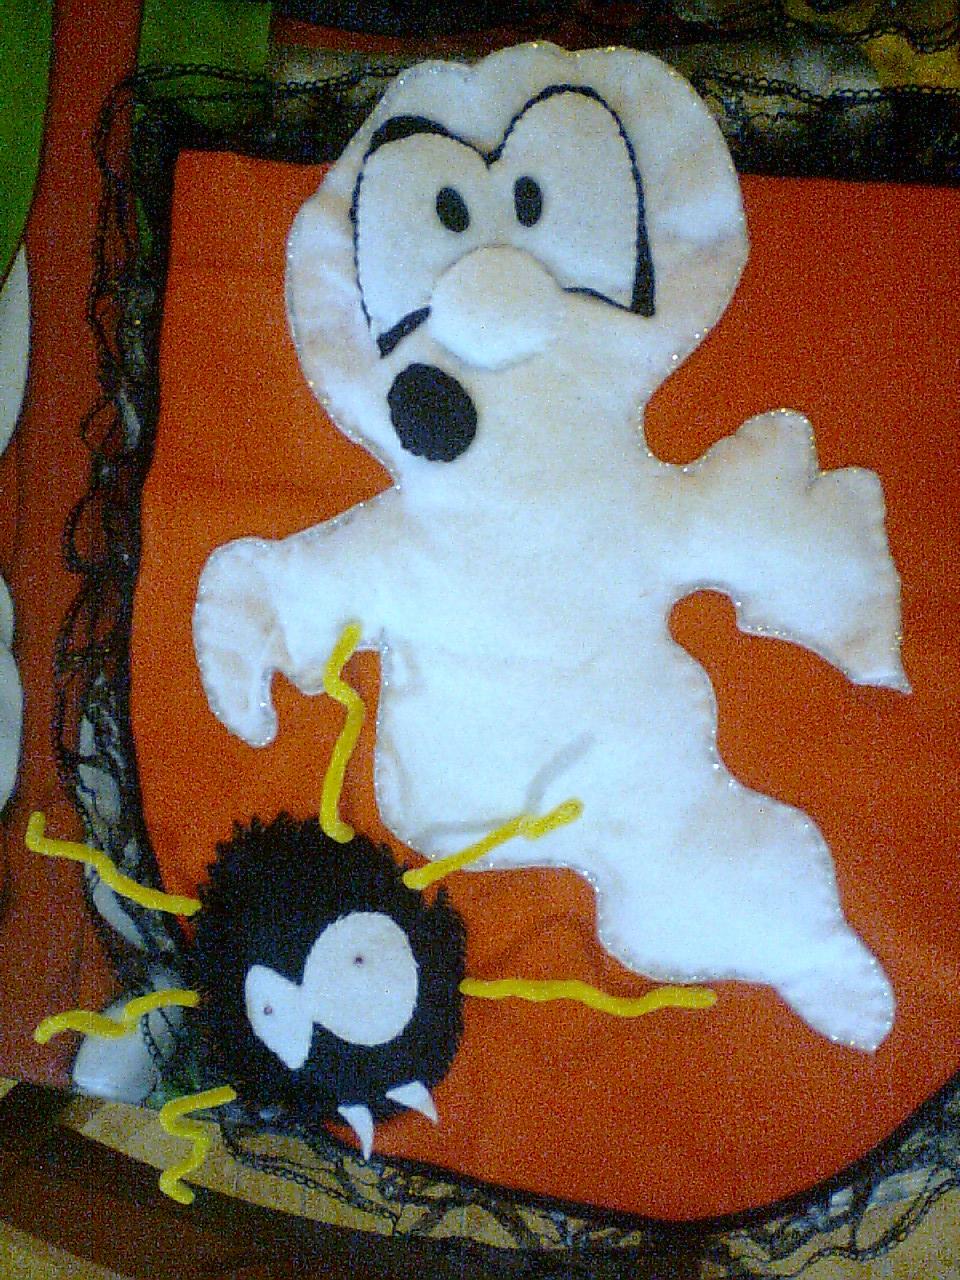 Juegos De Baño Halloween:Pasticetas: Juego de Baño para día de Muertos